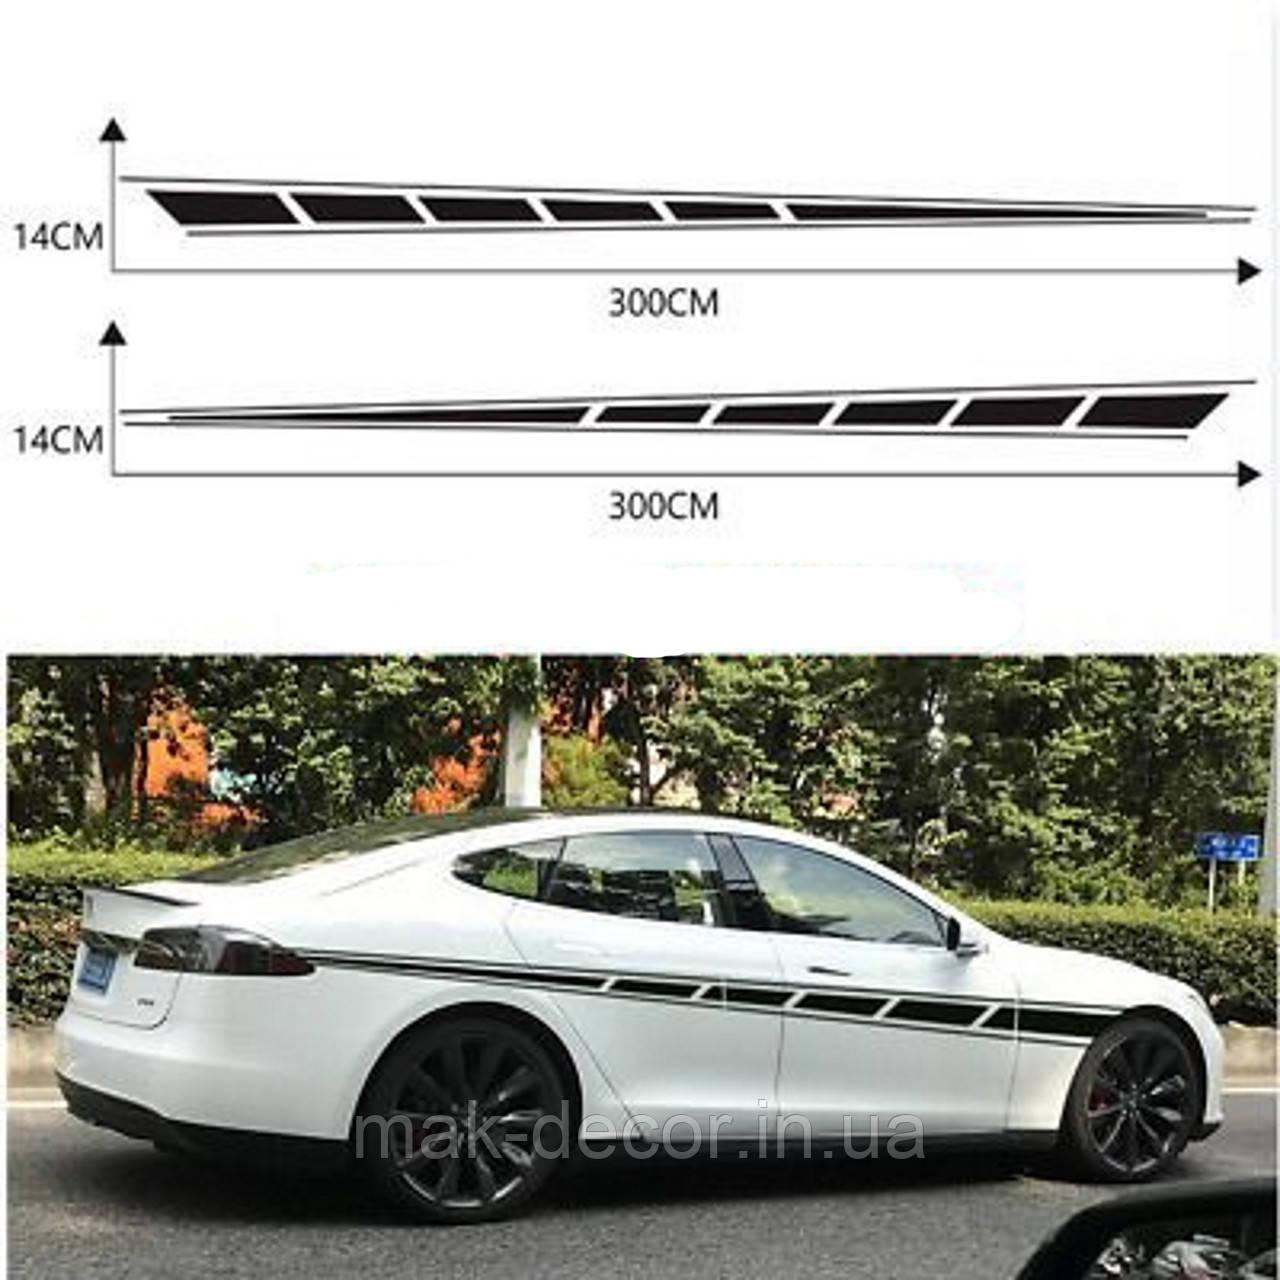 Вінілова наклейка на кузов - Смуги 2 14х300 см 2 шт